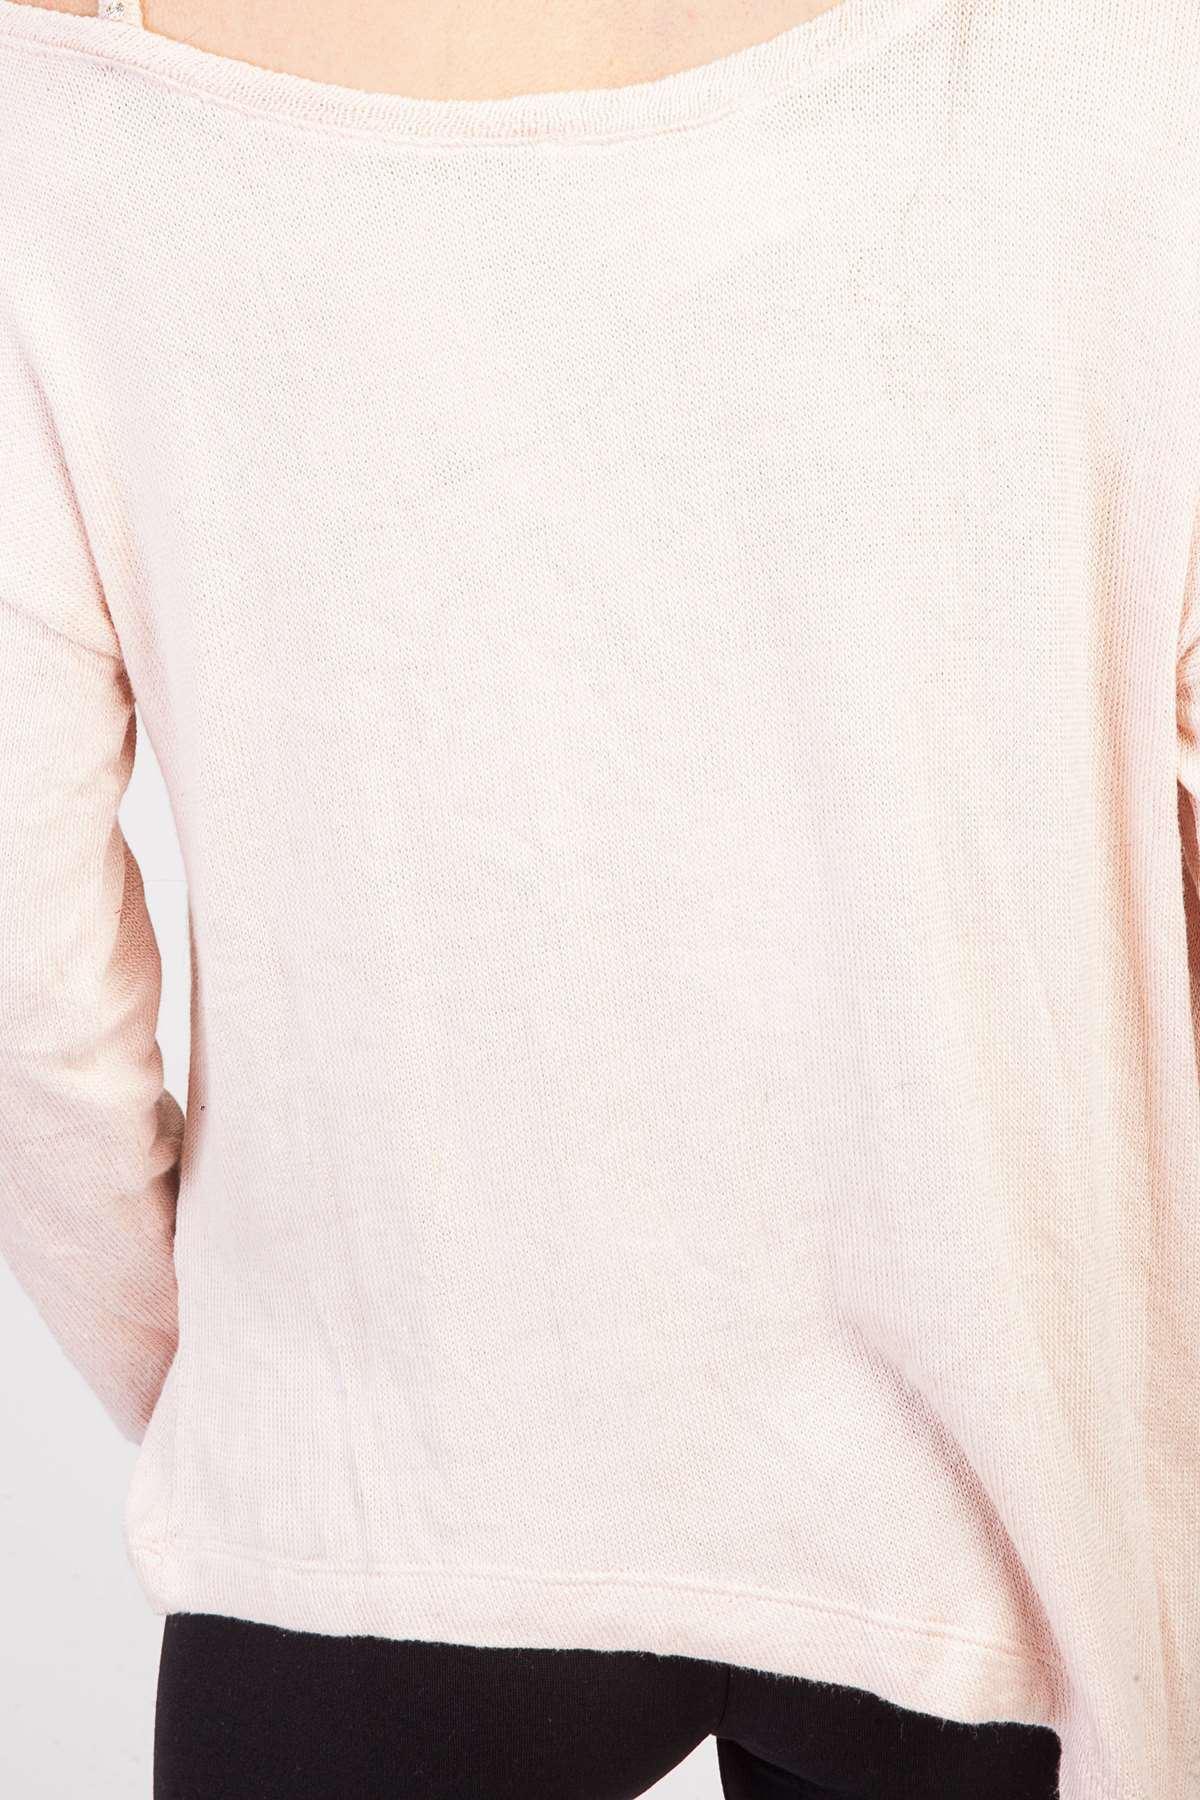 Tek Omu Taş Askı Detaylı Taşlı Yazılı Bluz Pudra